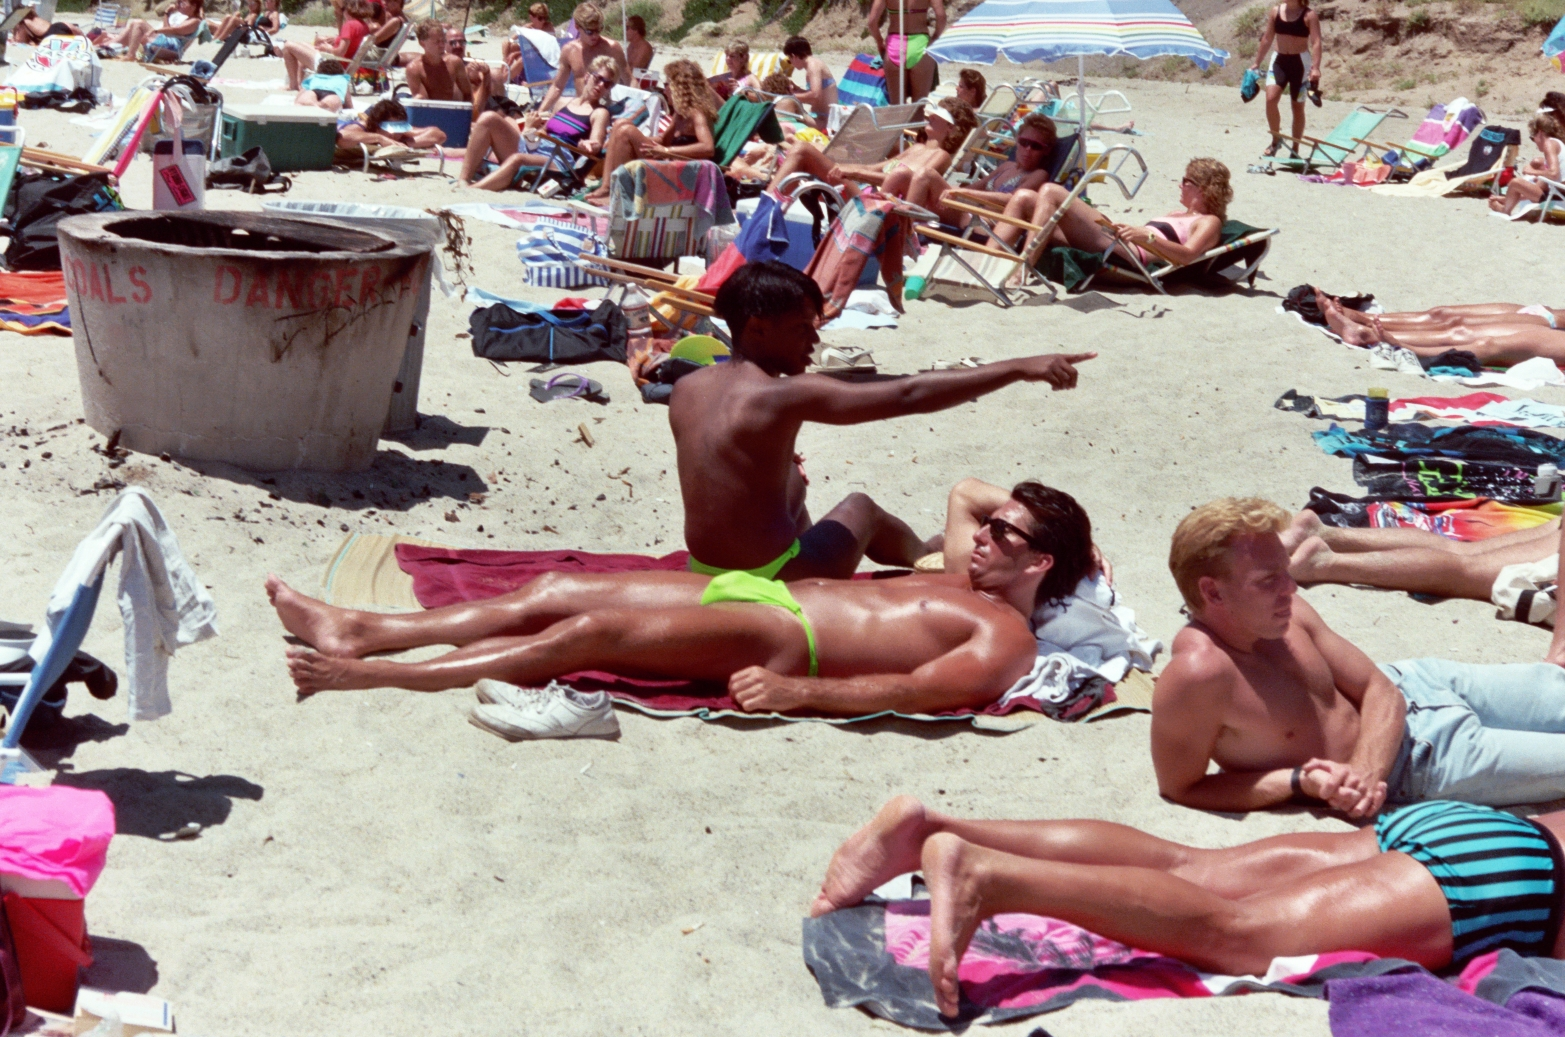 laguna-beach_3554529281_o